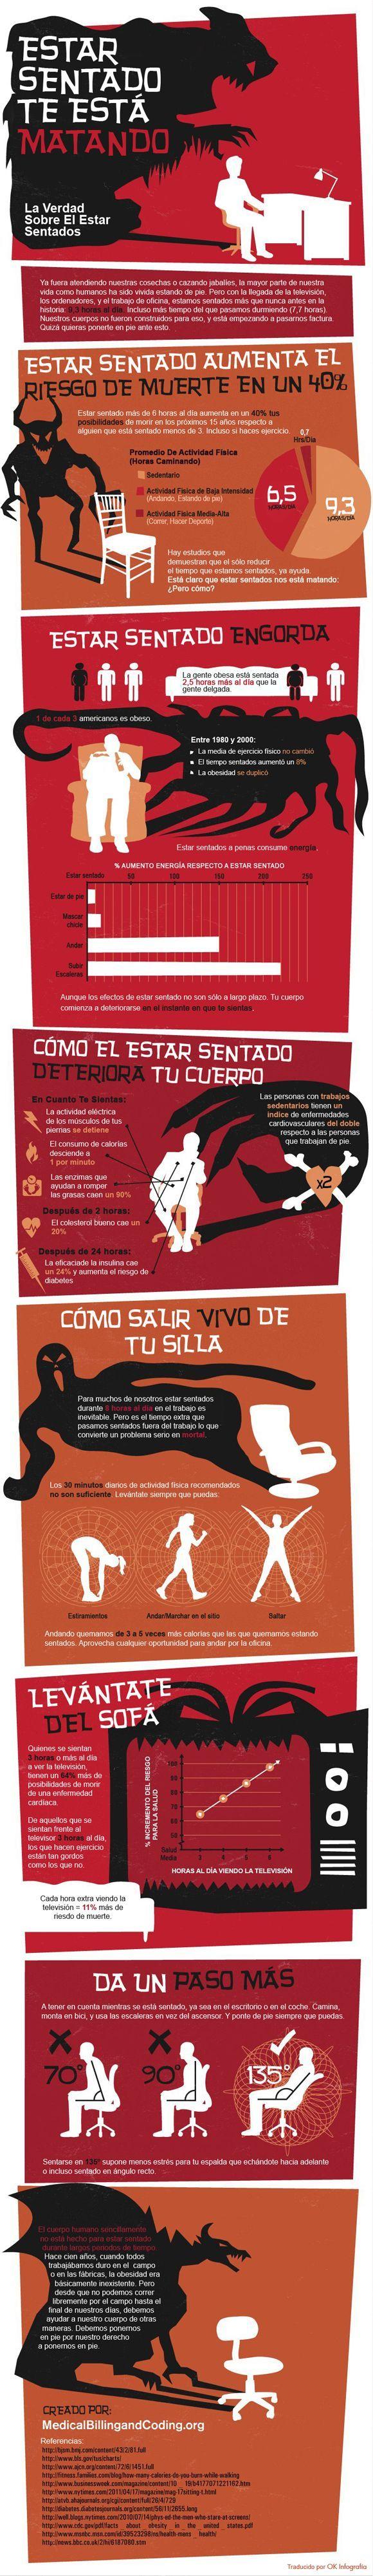 Los peligros de permanecer sentado - Infografías y Remedios. #infografia #infographic #salud